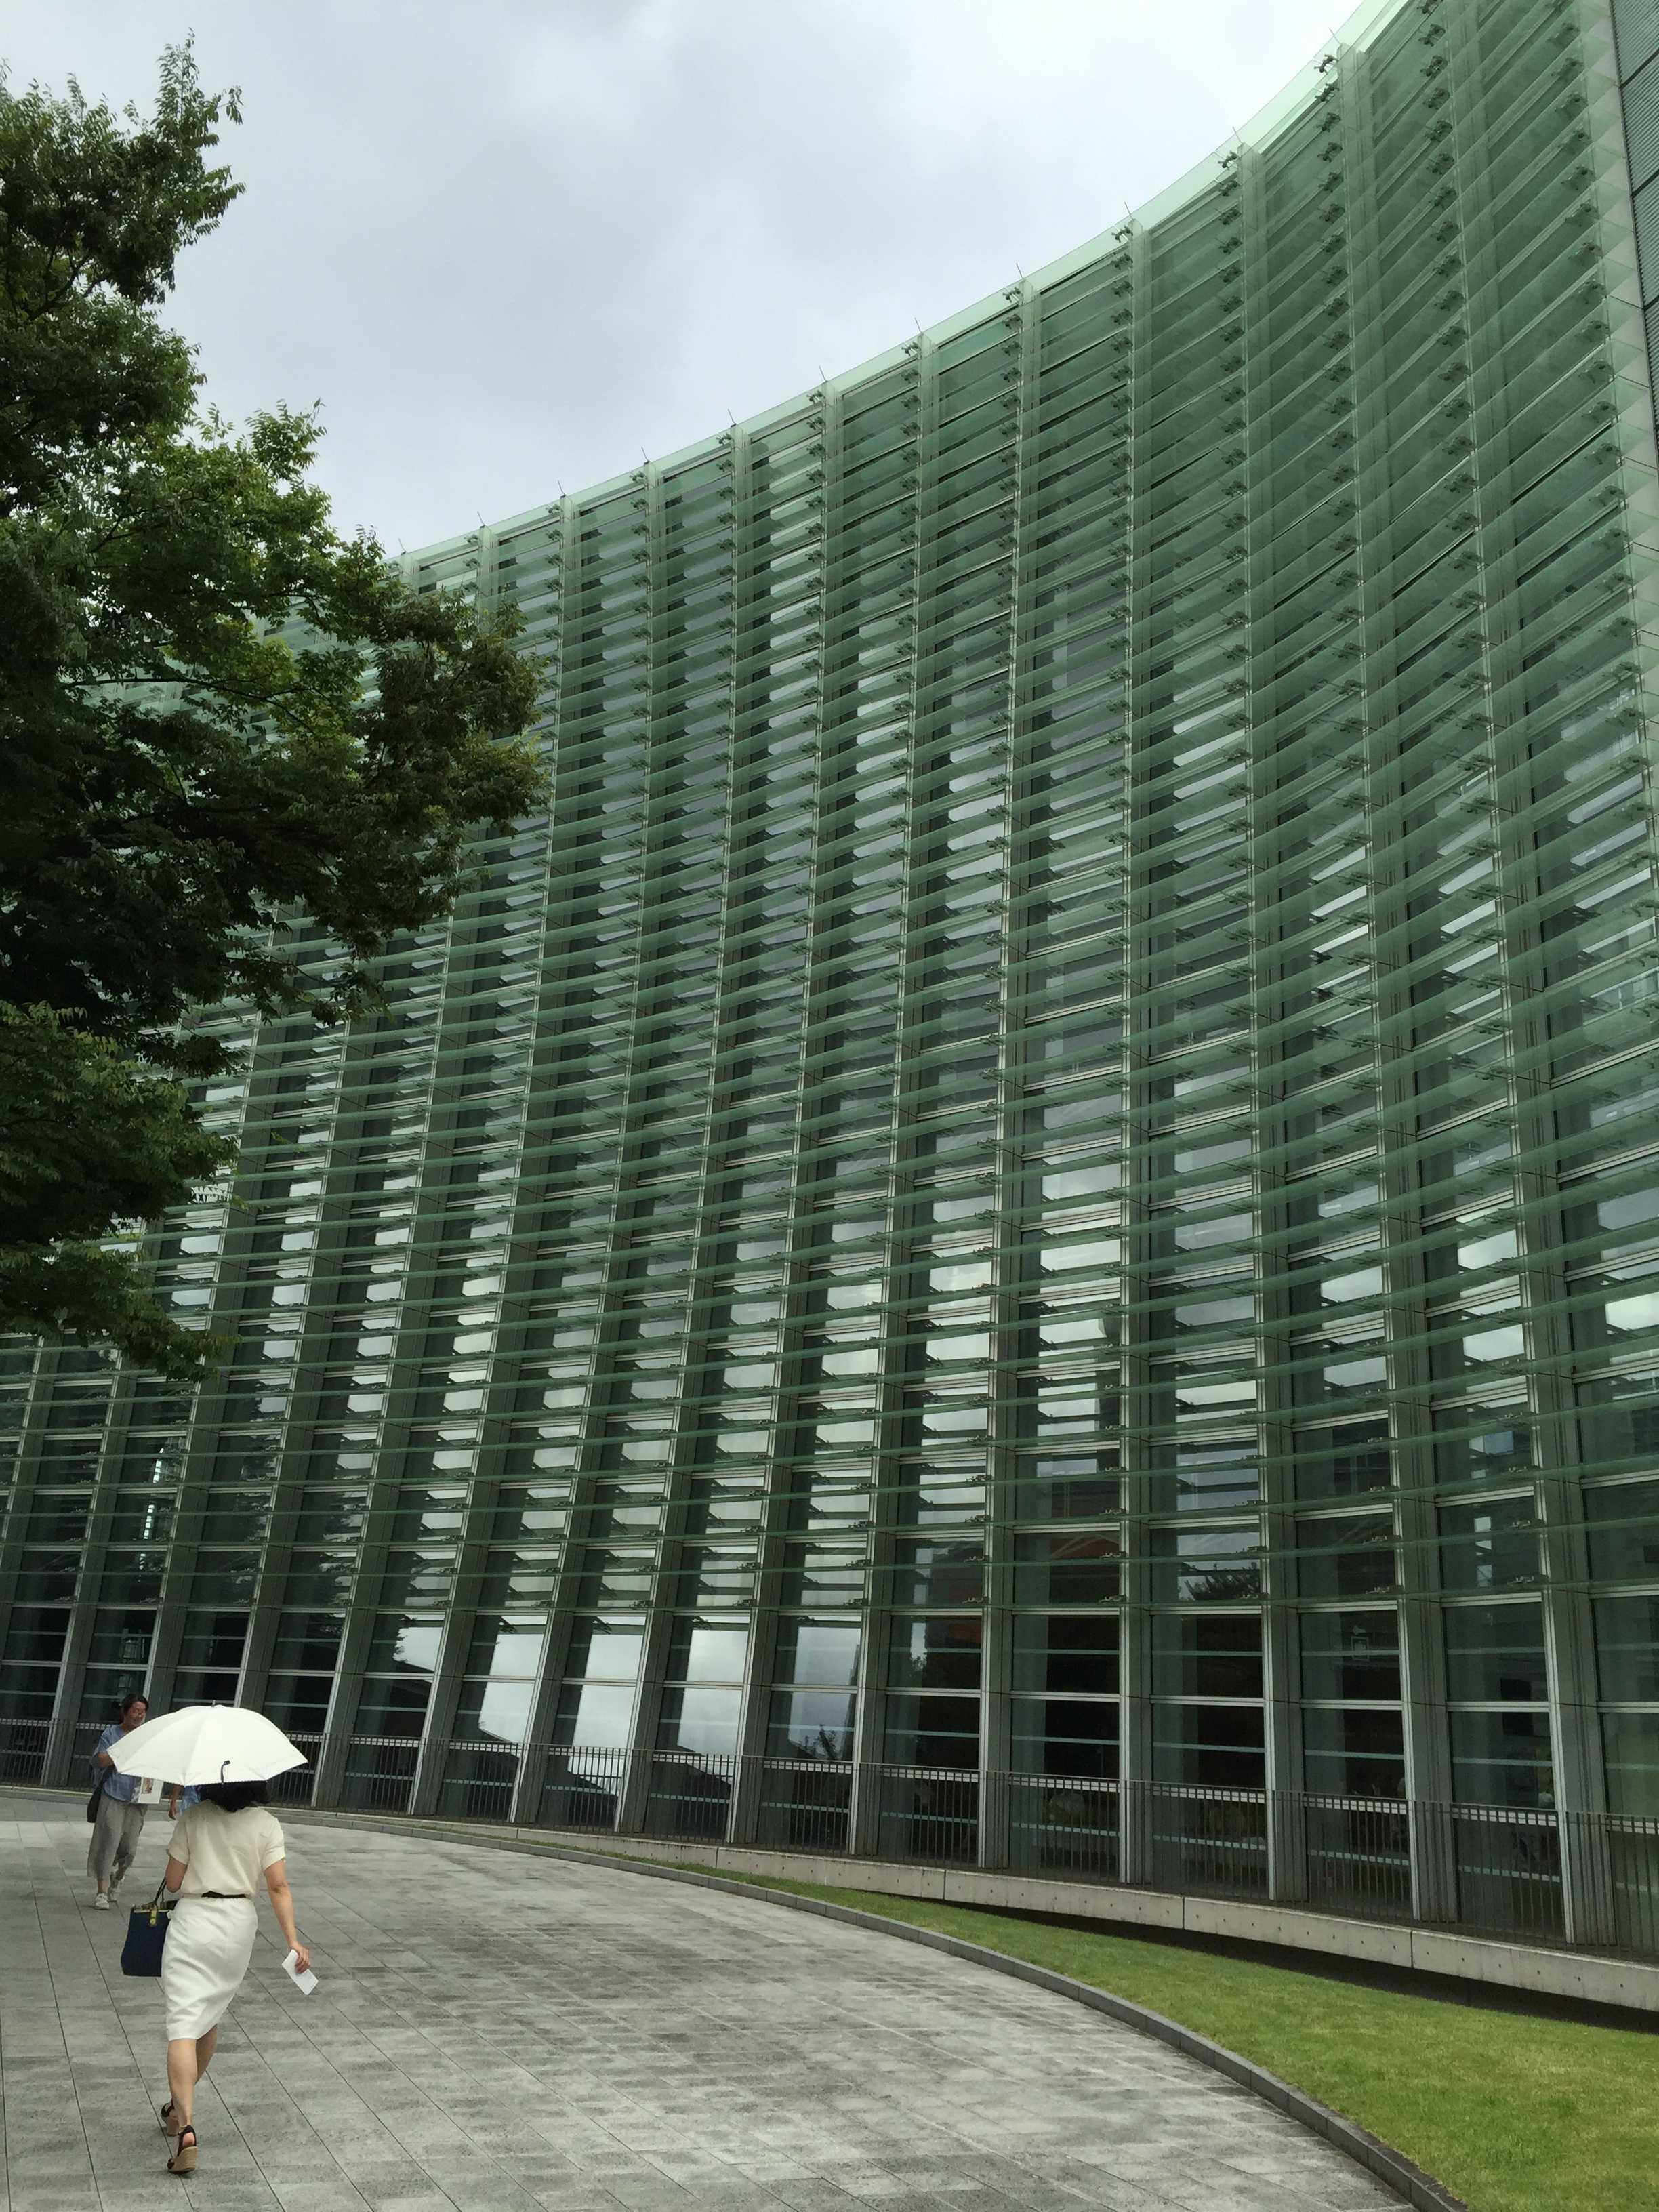 国立新美術館 外観のガラス